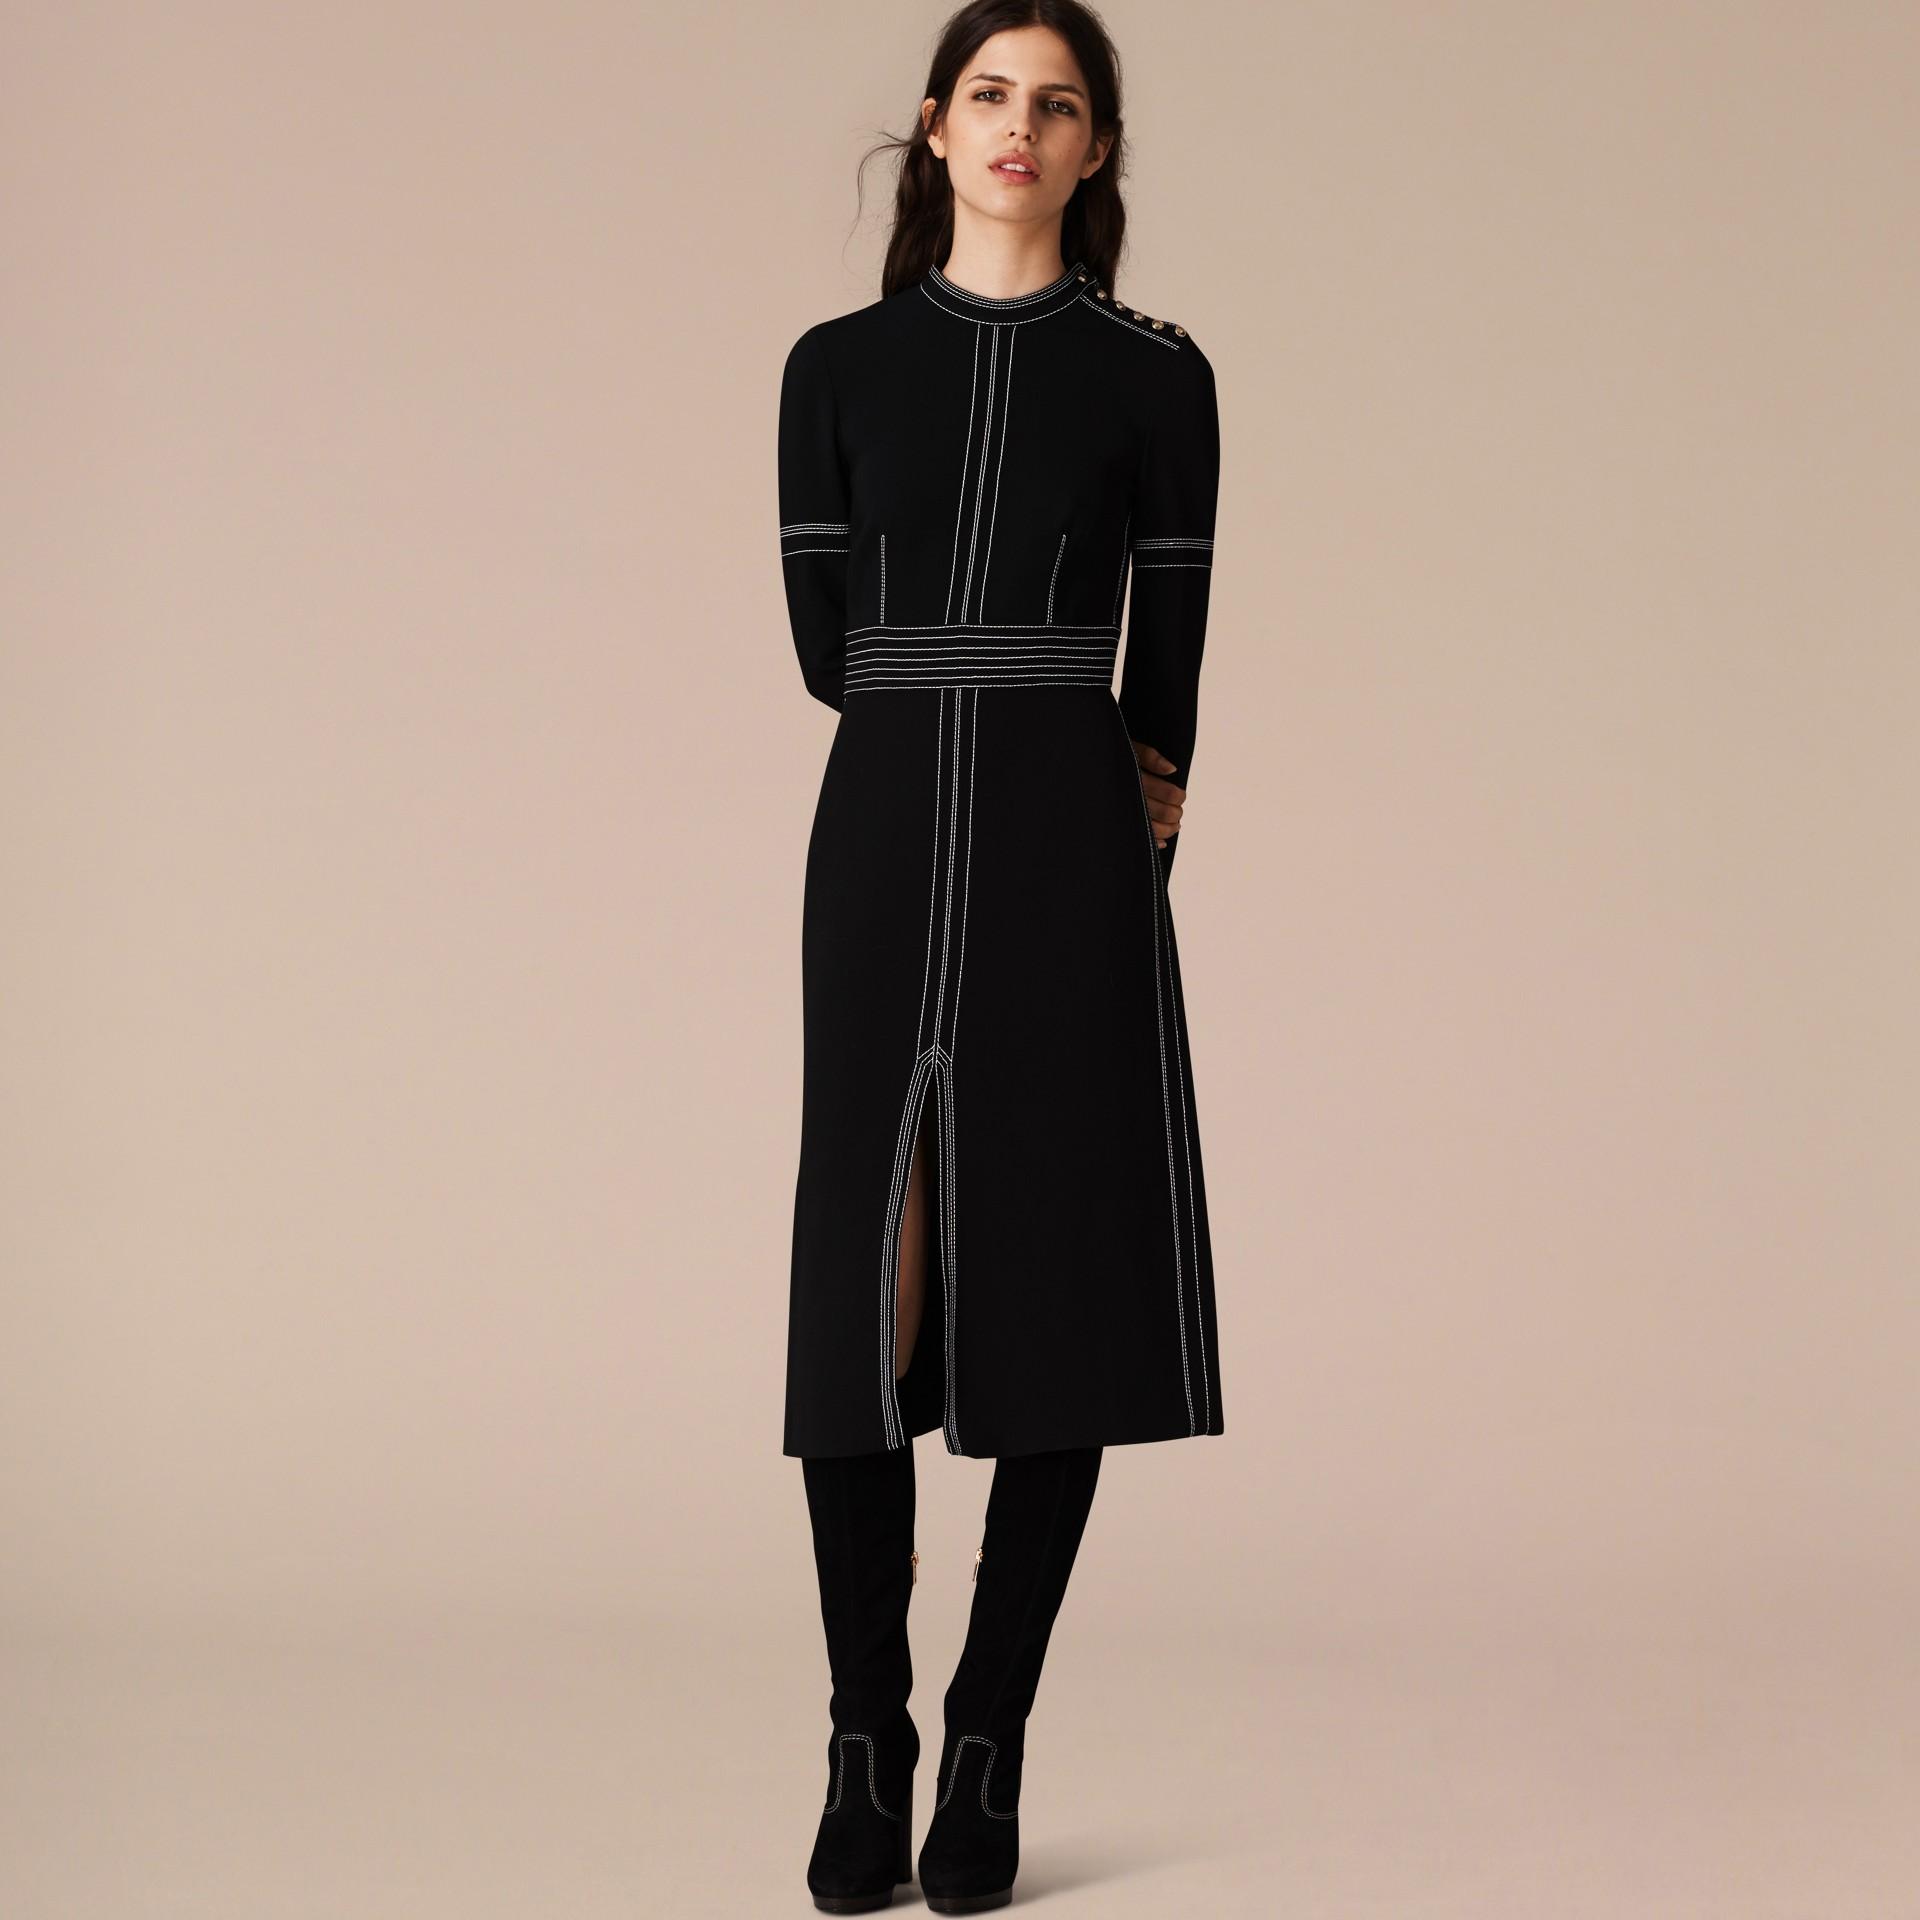 Черный Узкое платье в стиле милитари - изображение 4